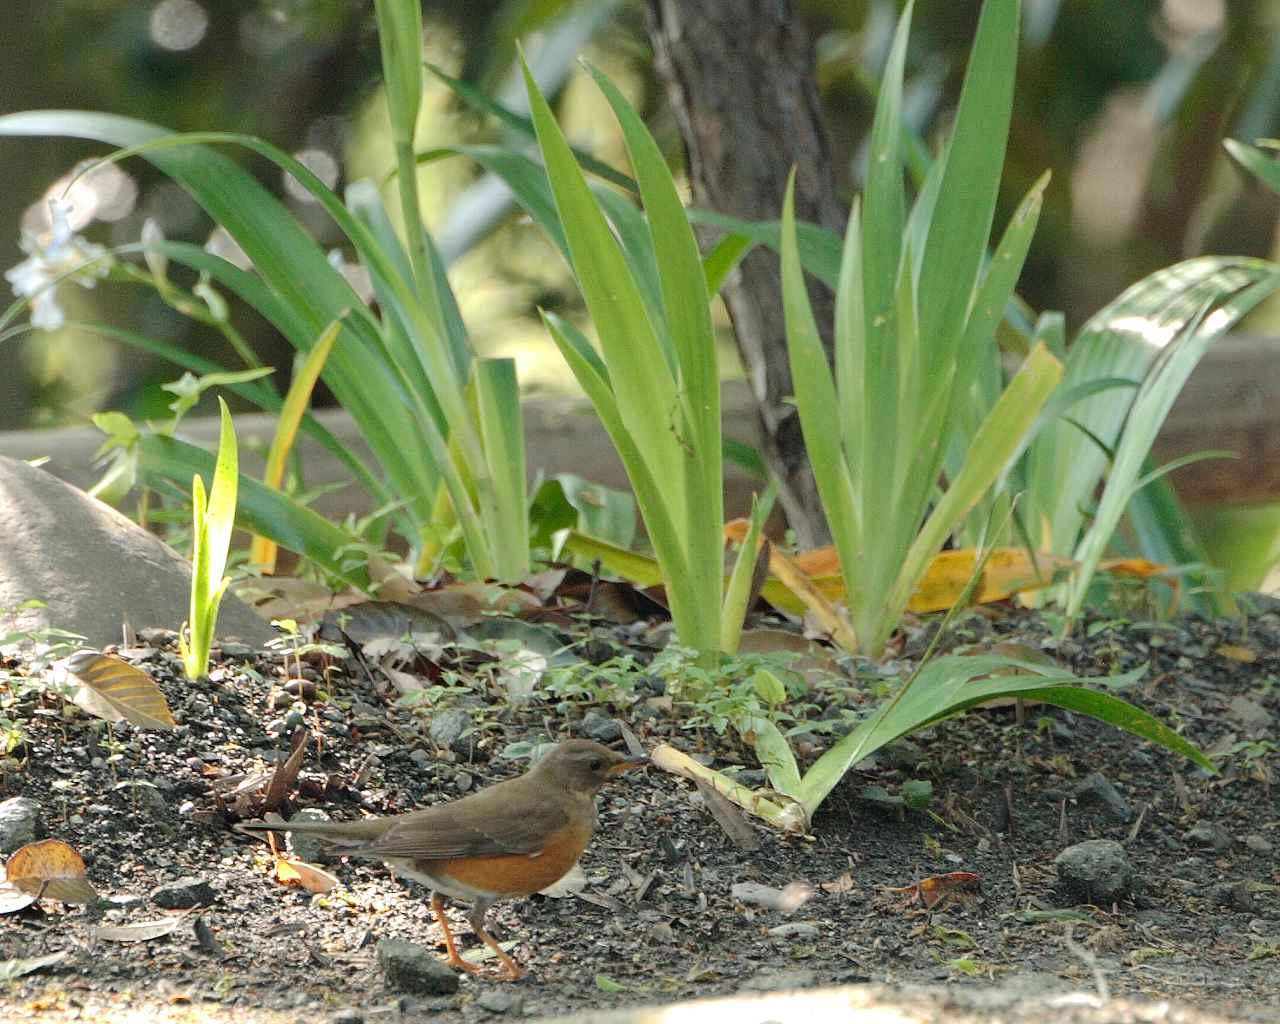 厚木市の青い鳥、赤い鳥、黄色い鳥(全て壁紙あり)_f0105570_21234045.jpg